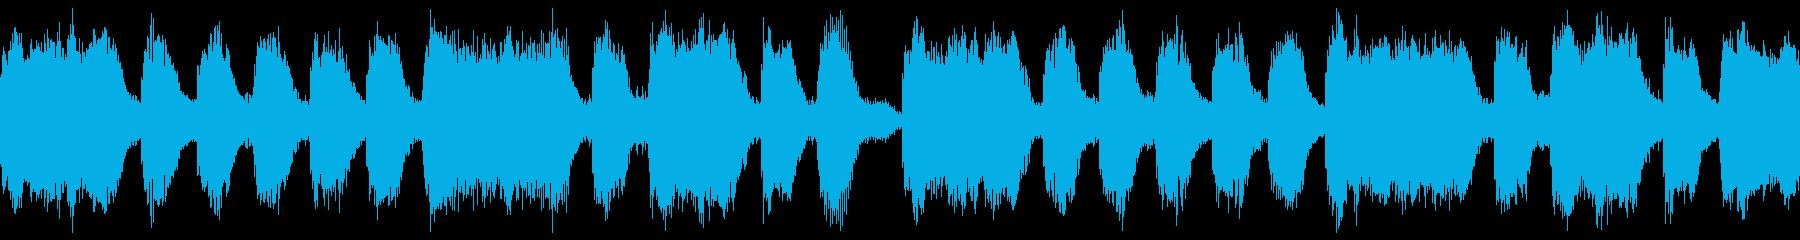 ダンス系シンセループです。の再生済みの波形